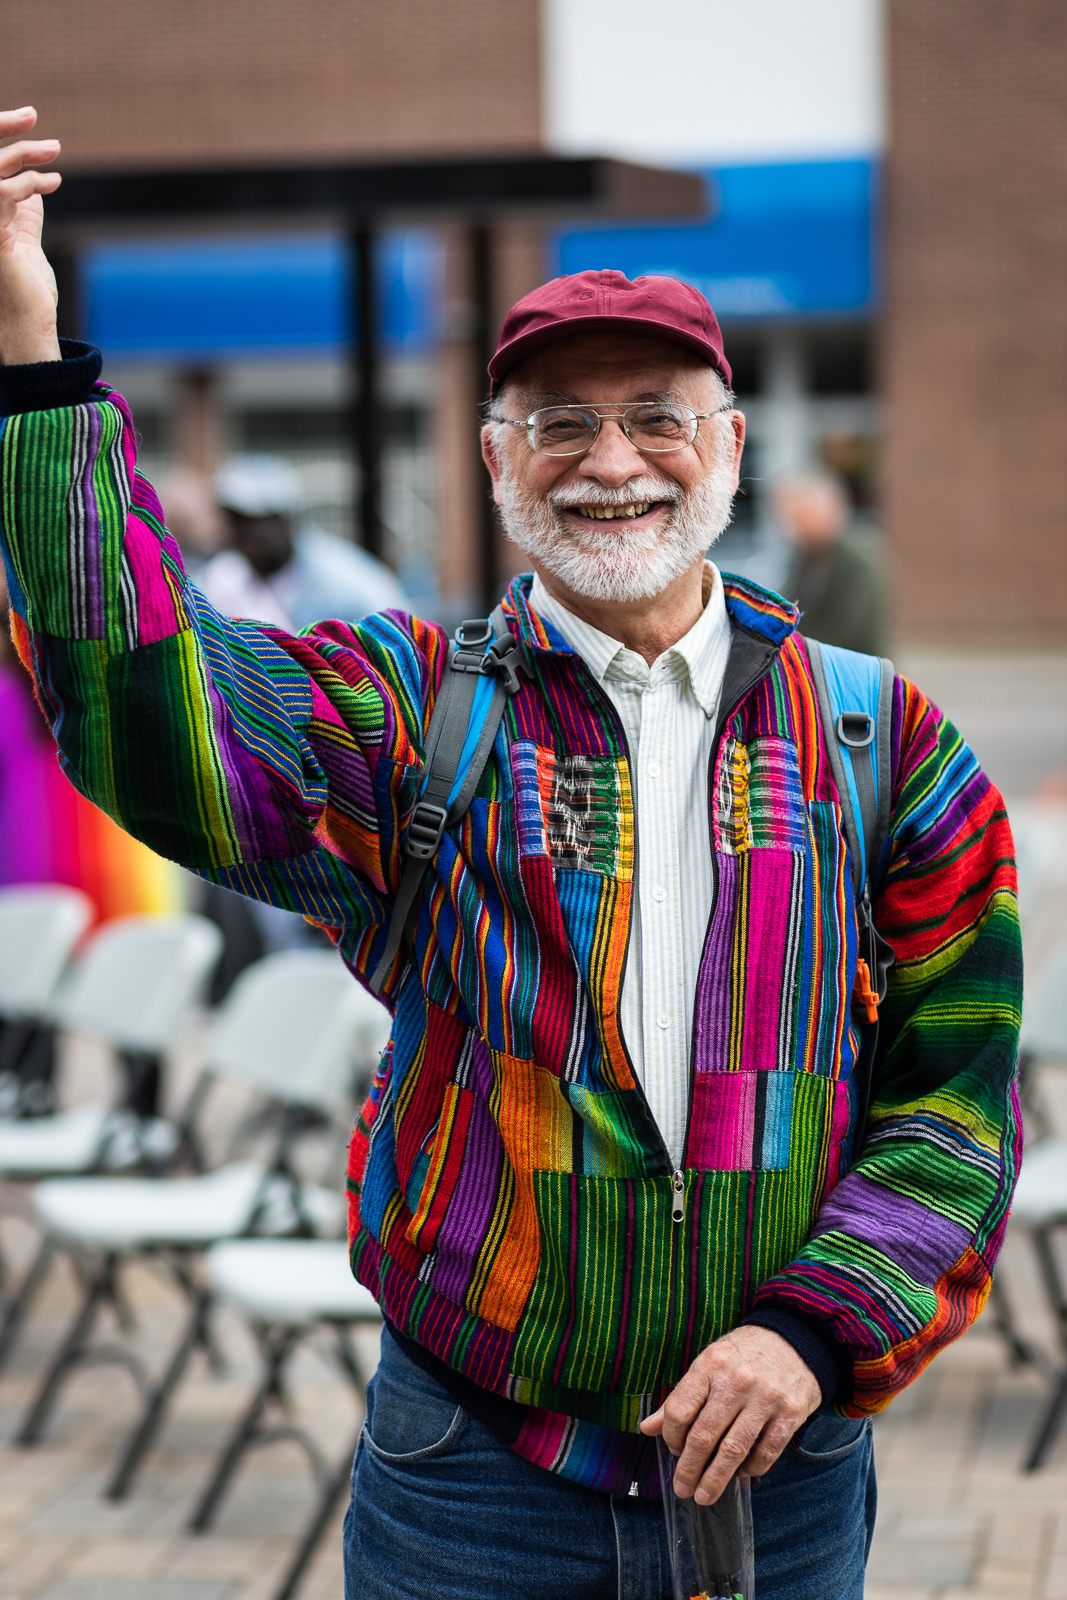 pride-2019-opening-ceremonies-blog-67.jpg